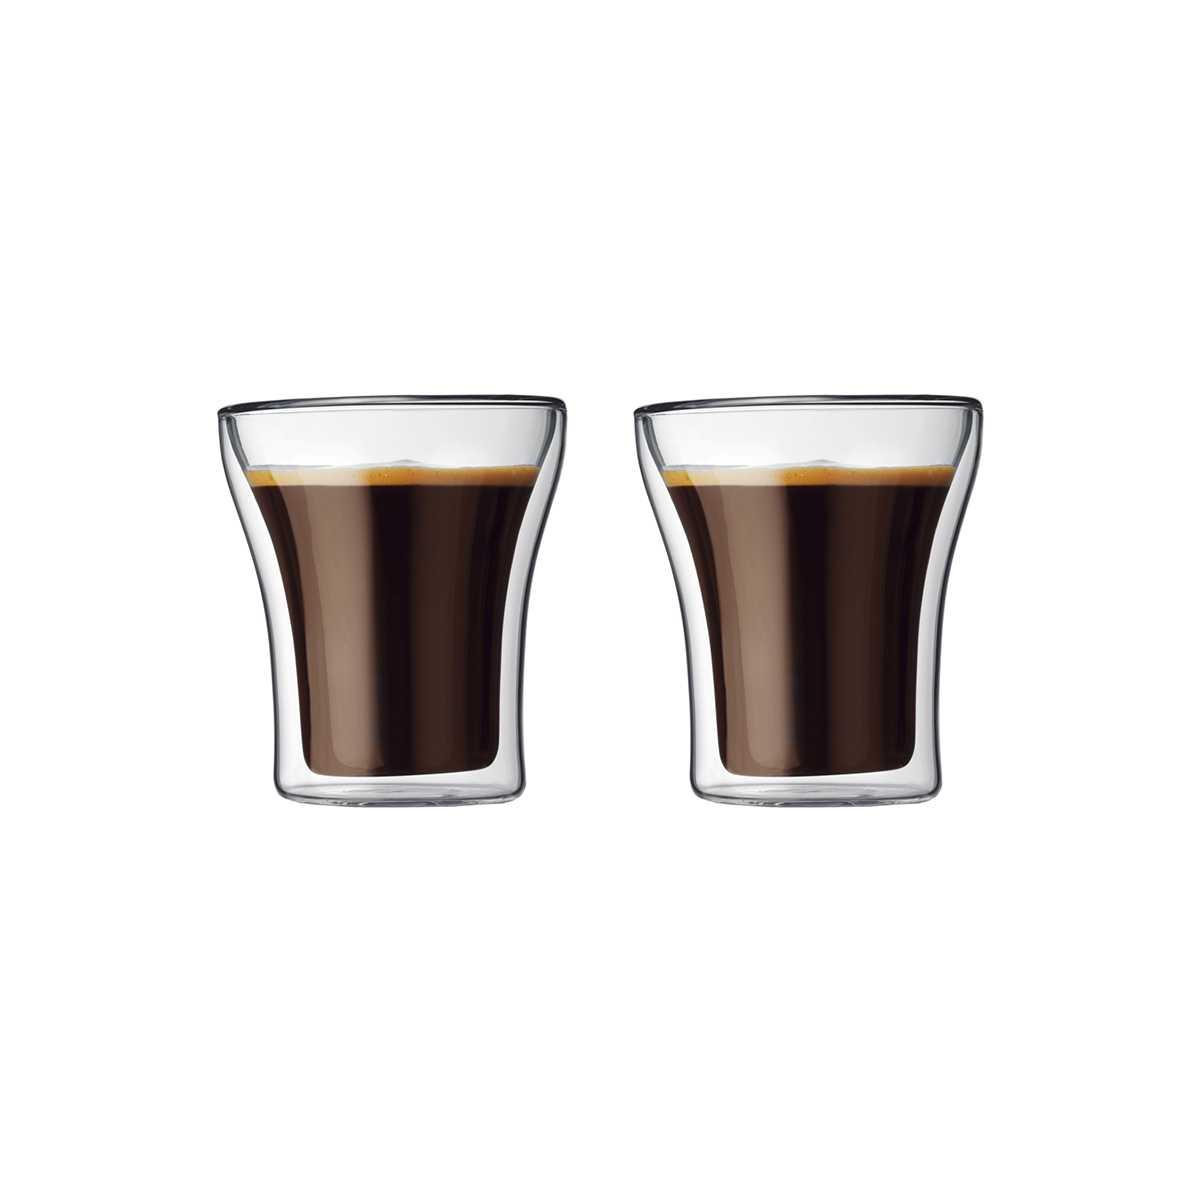 Онлайн каталог PROMENU: Набор термо-стаканов 0,22 л, 2 шт Bodum Assam  (4555-10) Bodum 4555-10